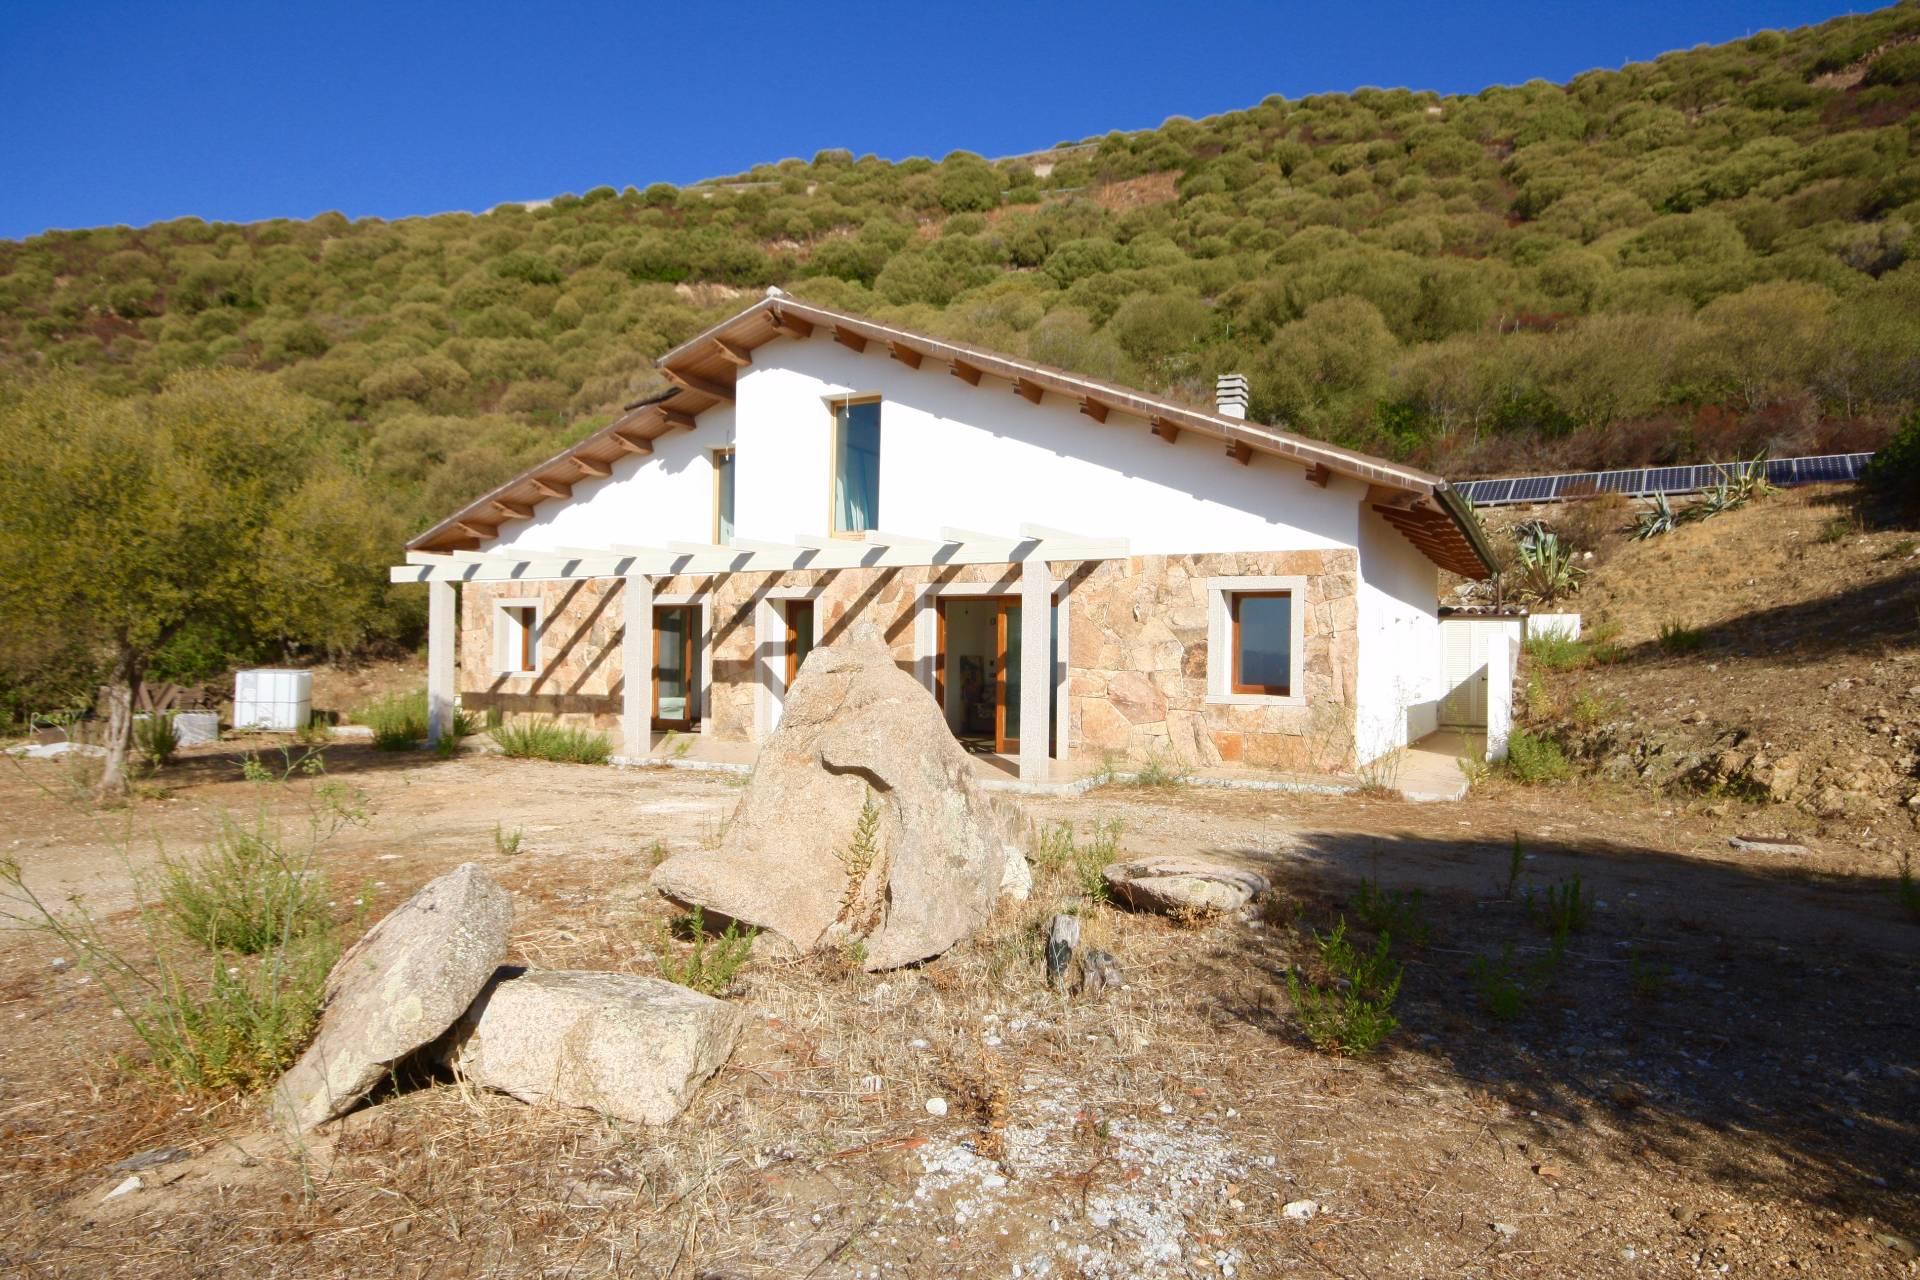 villa casa vendita olbia di metri quadrati 200